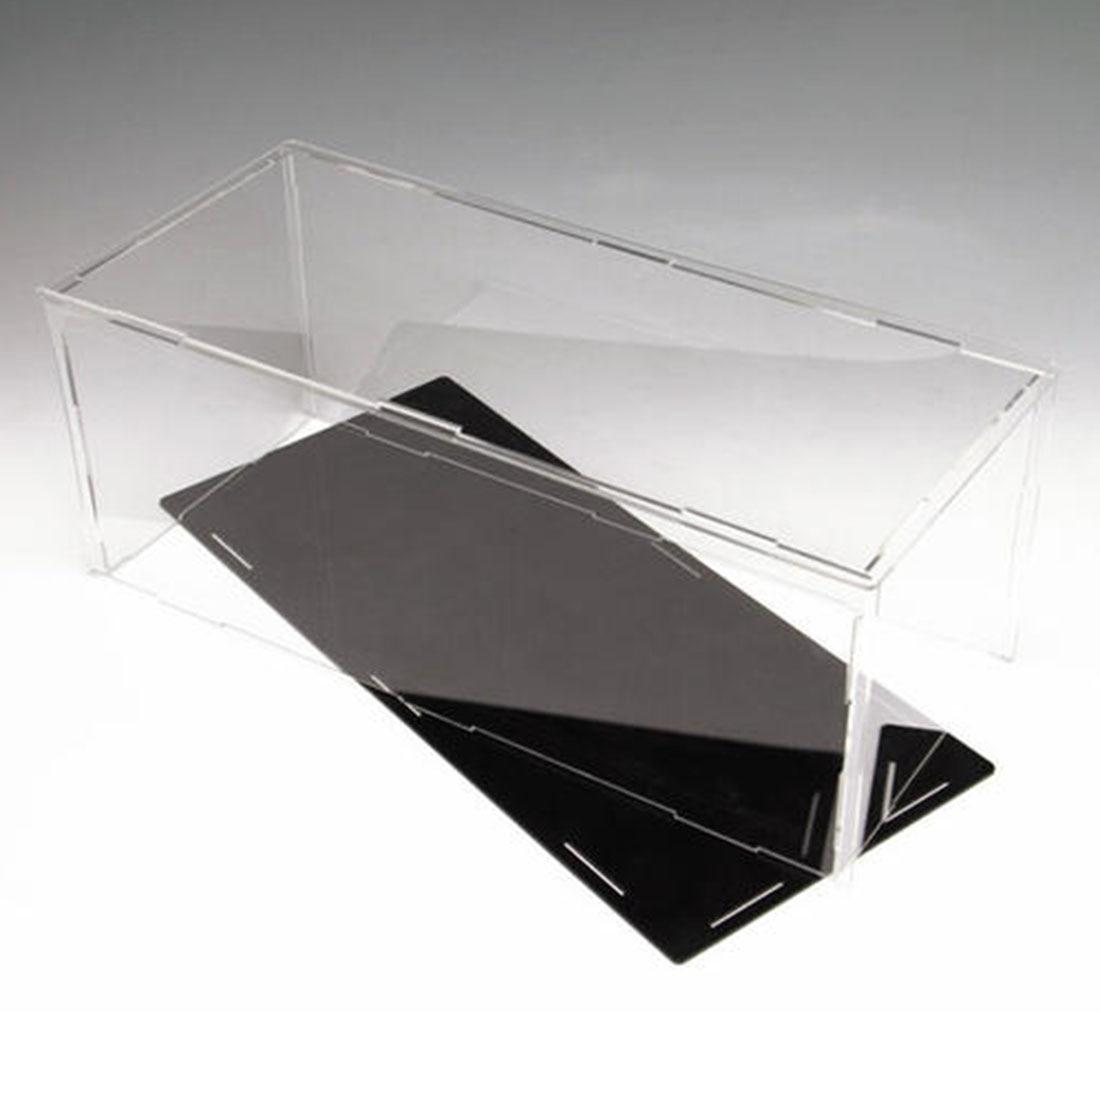 36.6x26.6x15.6cm bloco de construção acrílico dustproof exibir